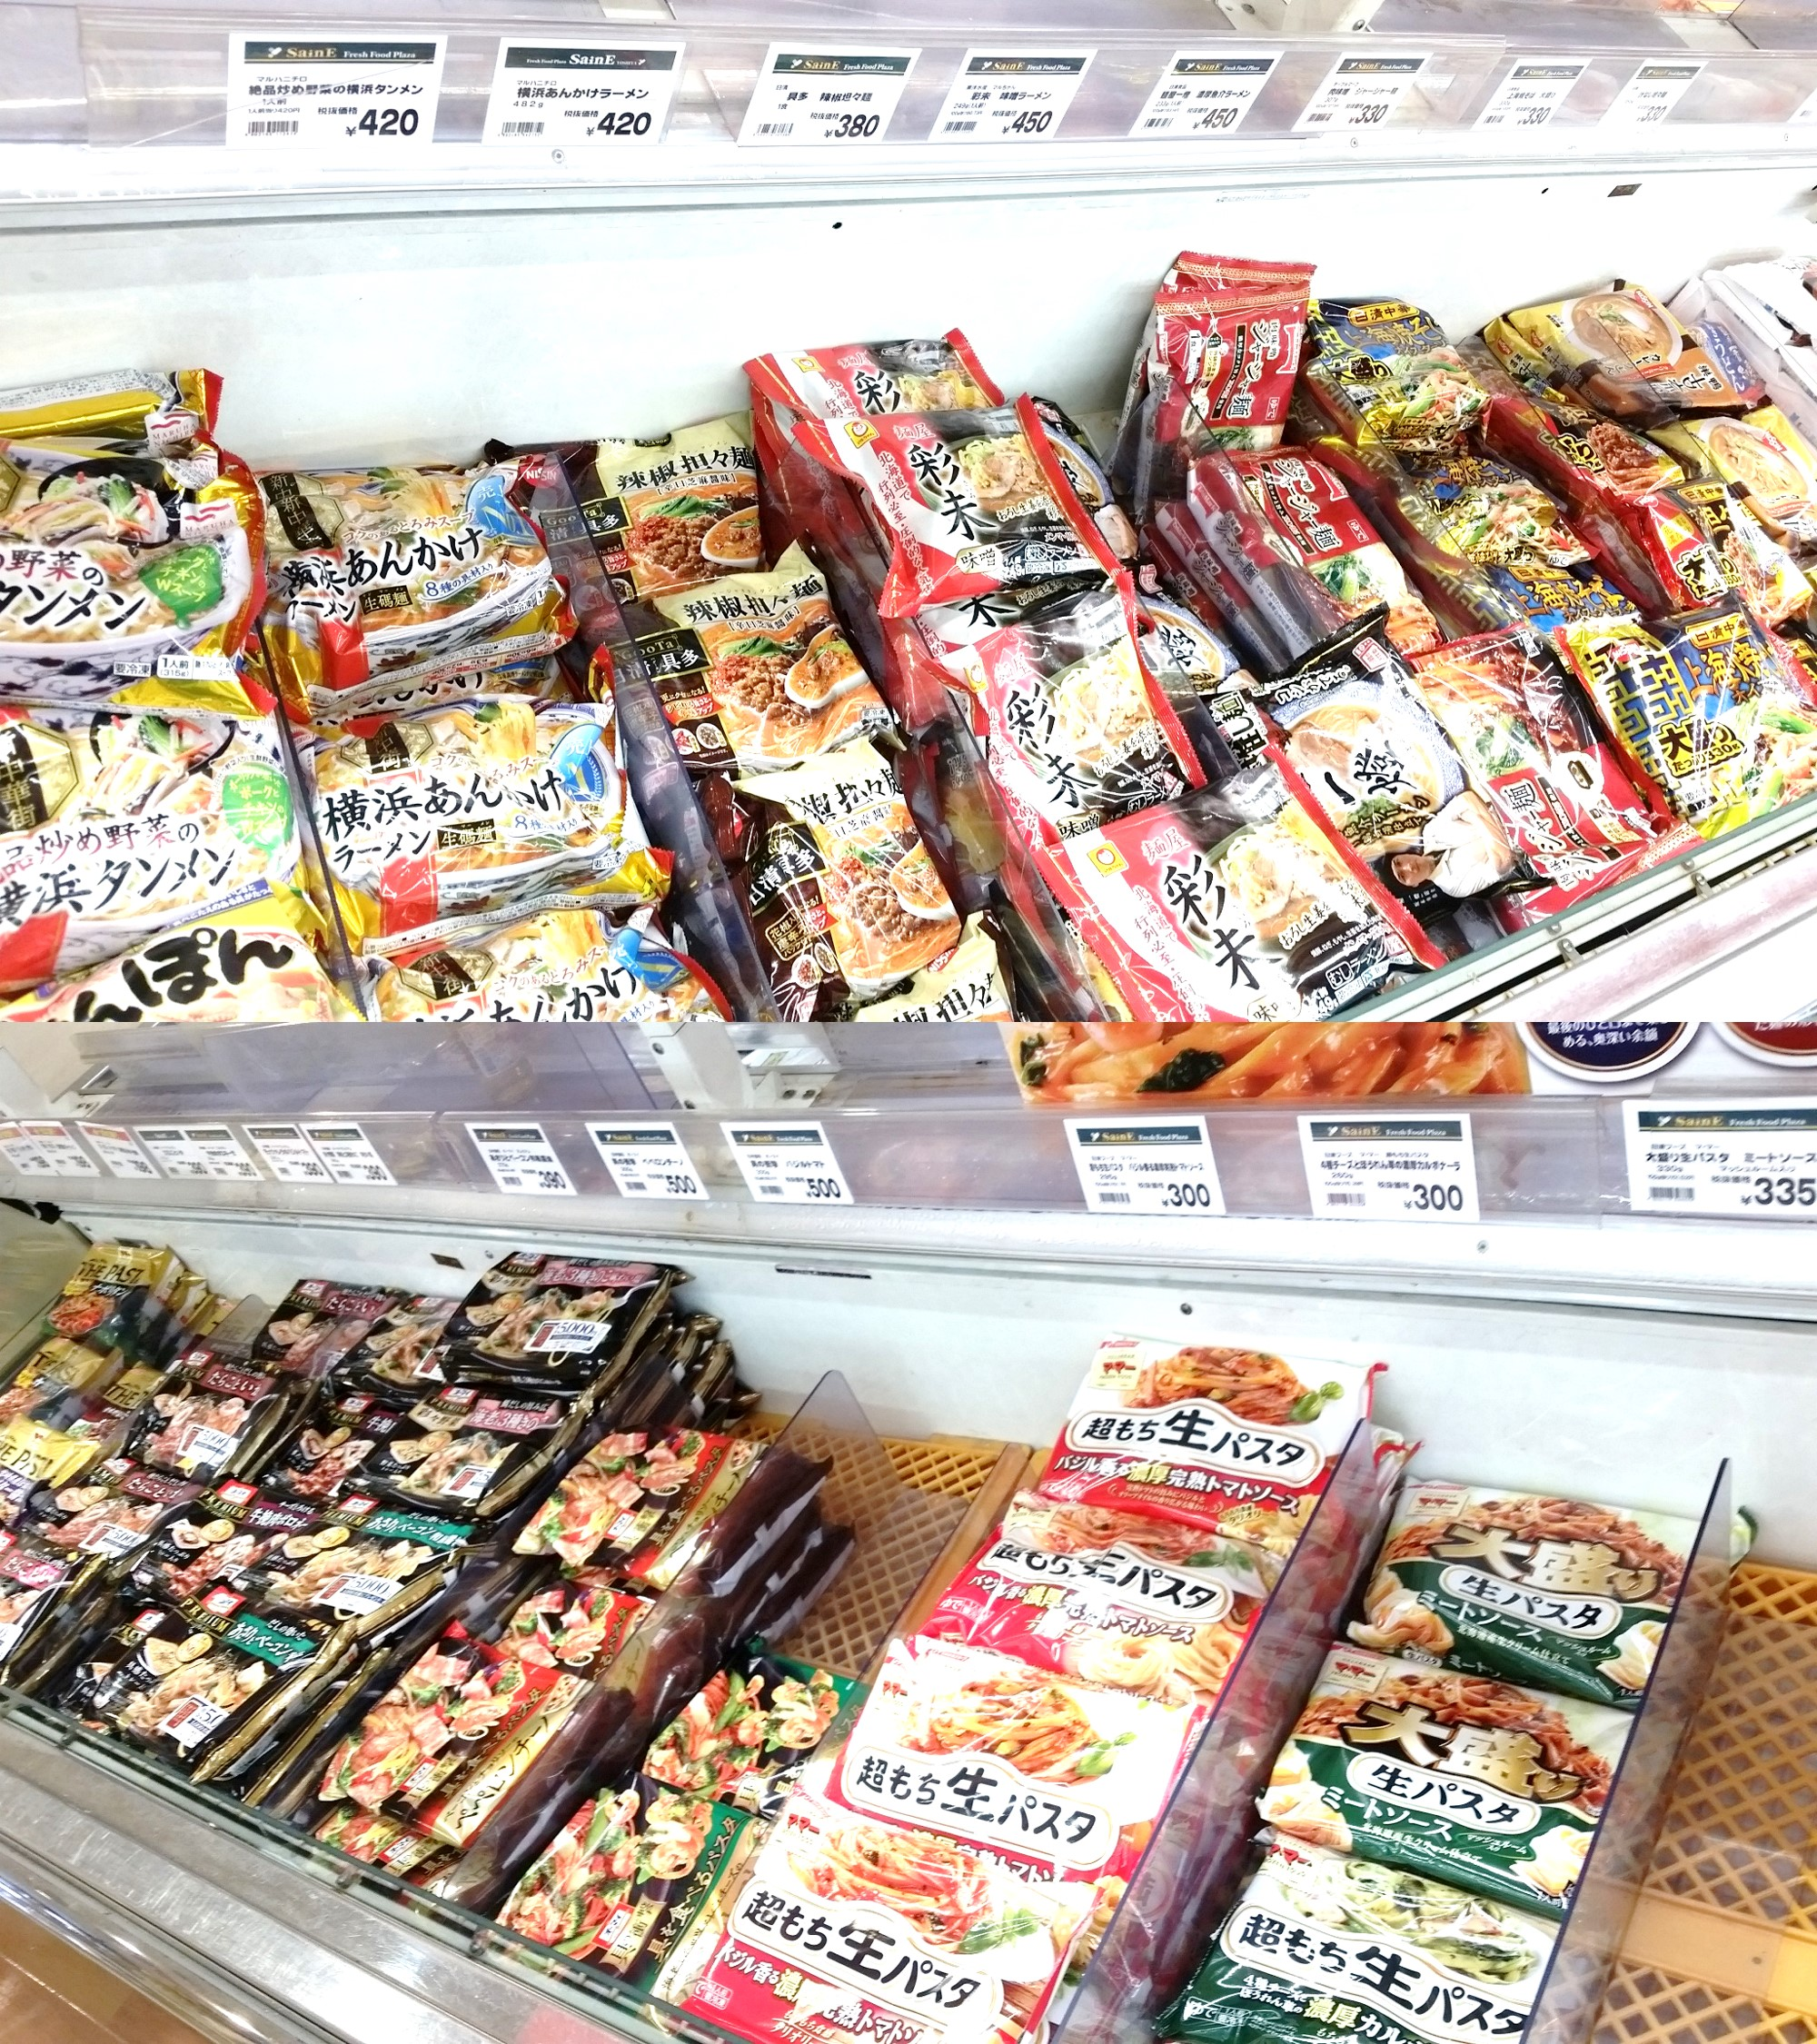 小竹向原_スーパー_よしや_03冷凍食品01